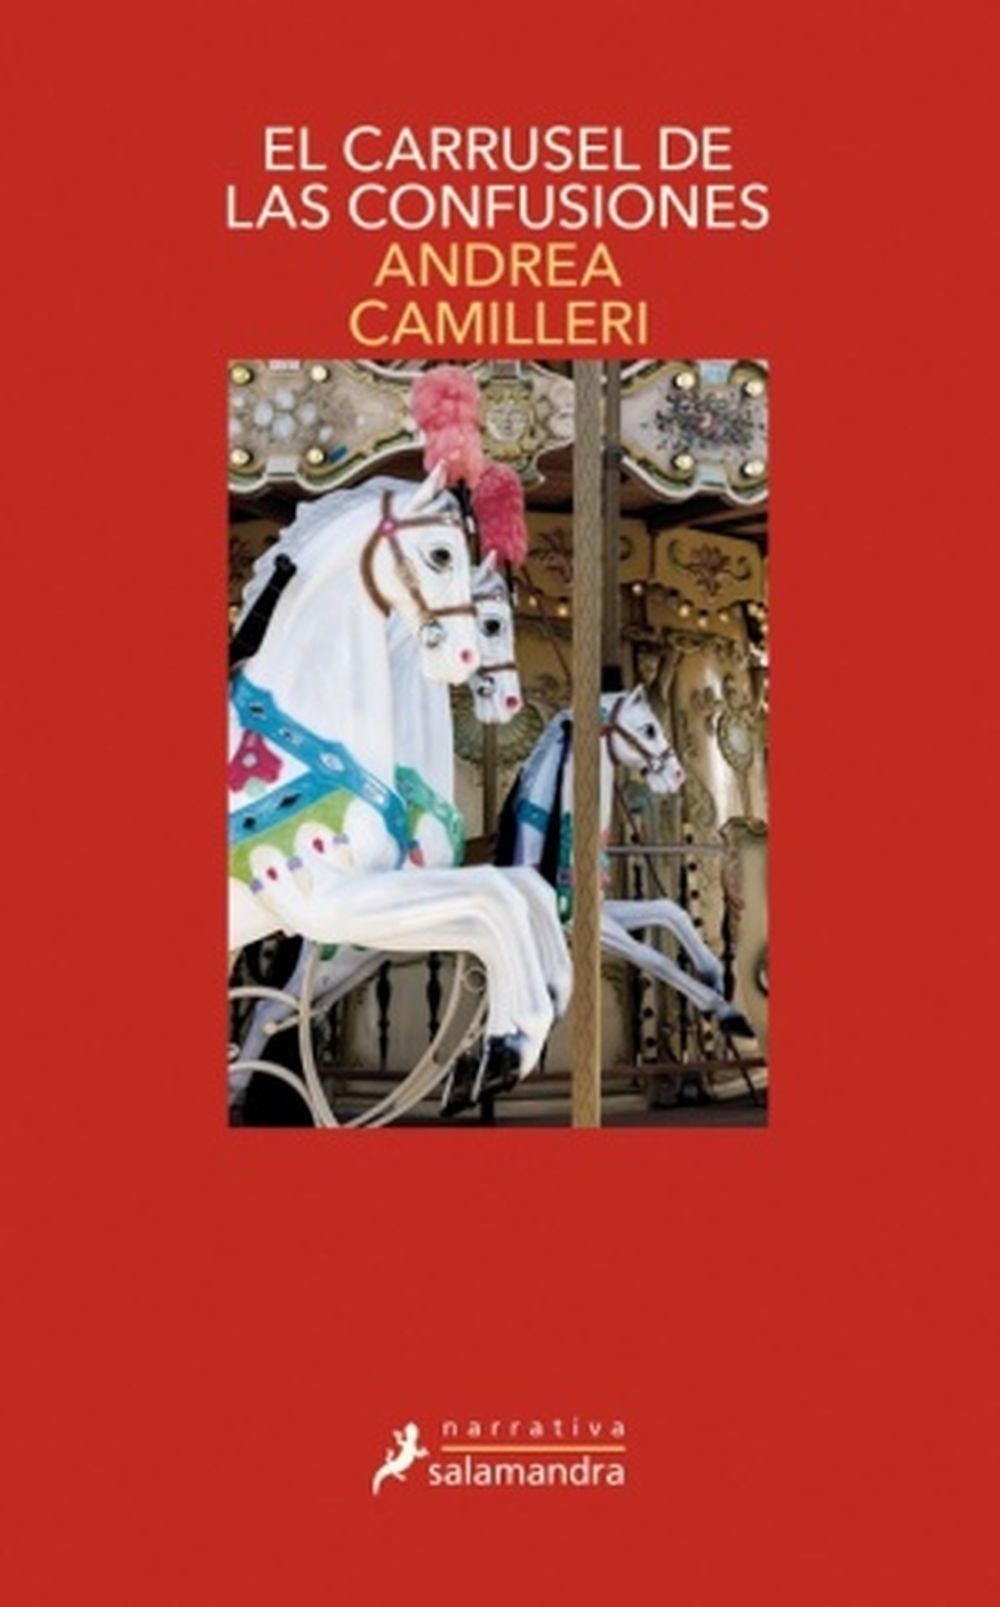 El carrusel de las confusiones, Andrea Camilleri